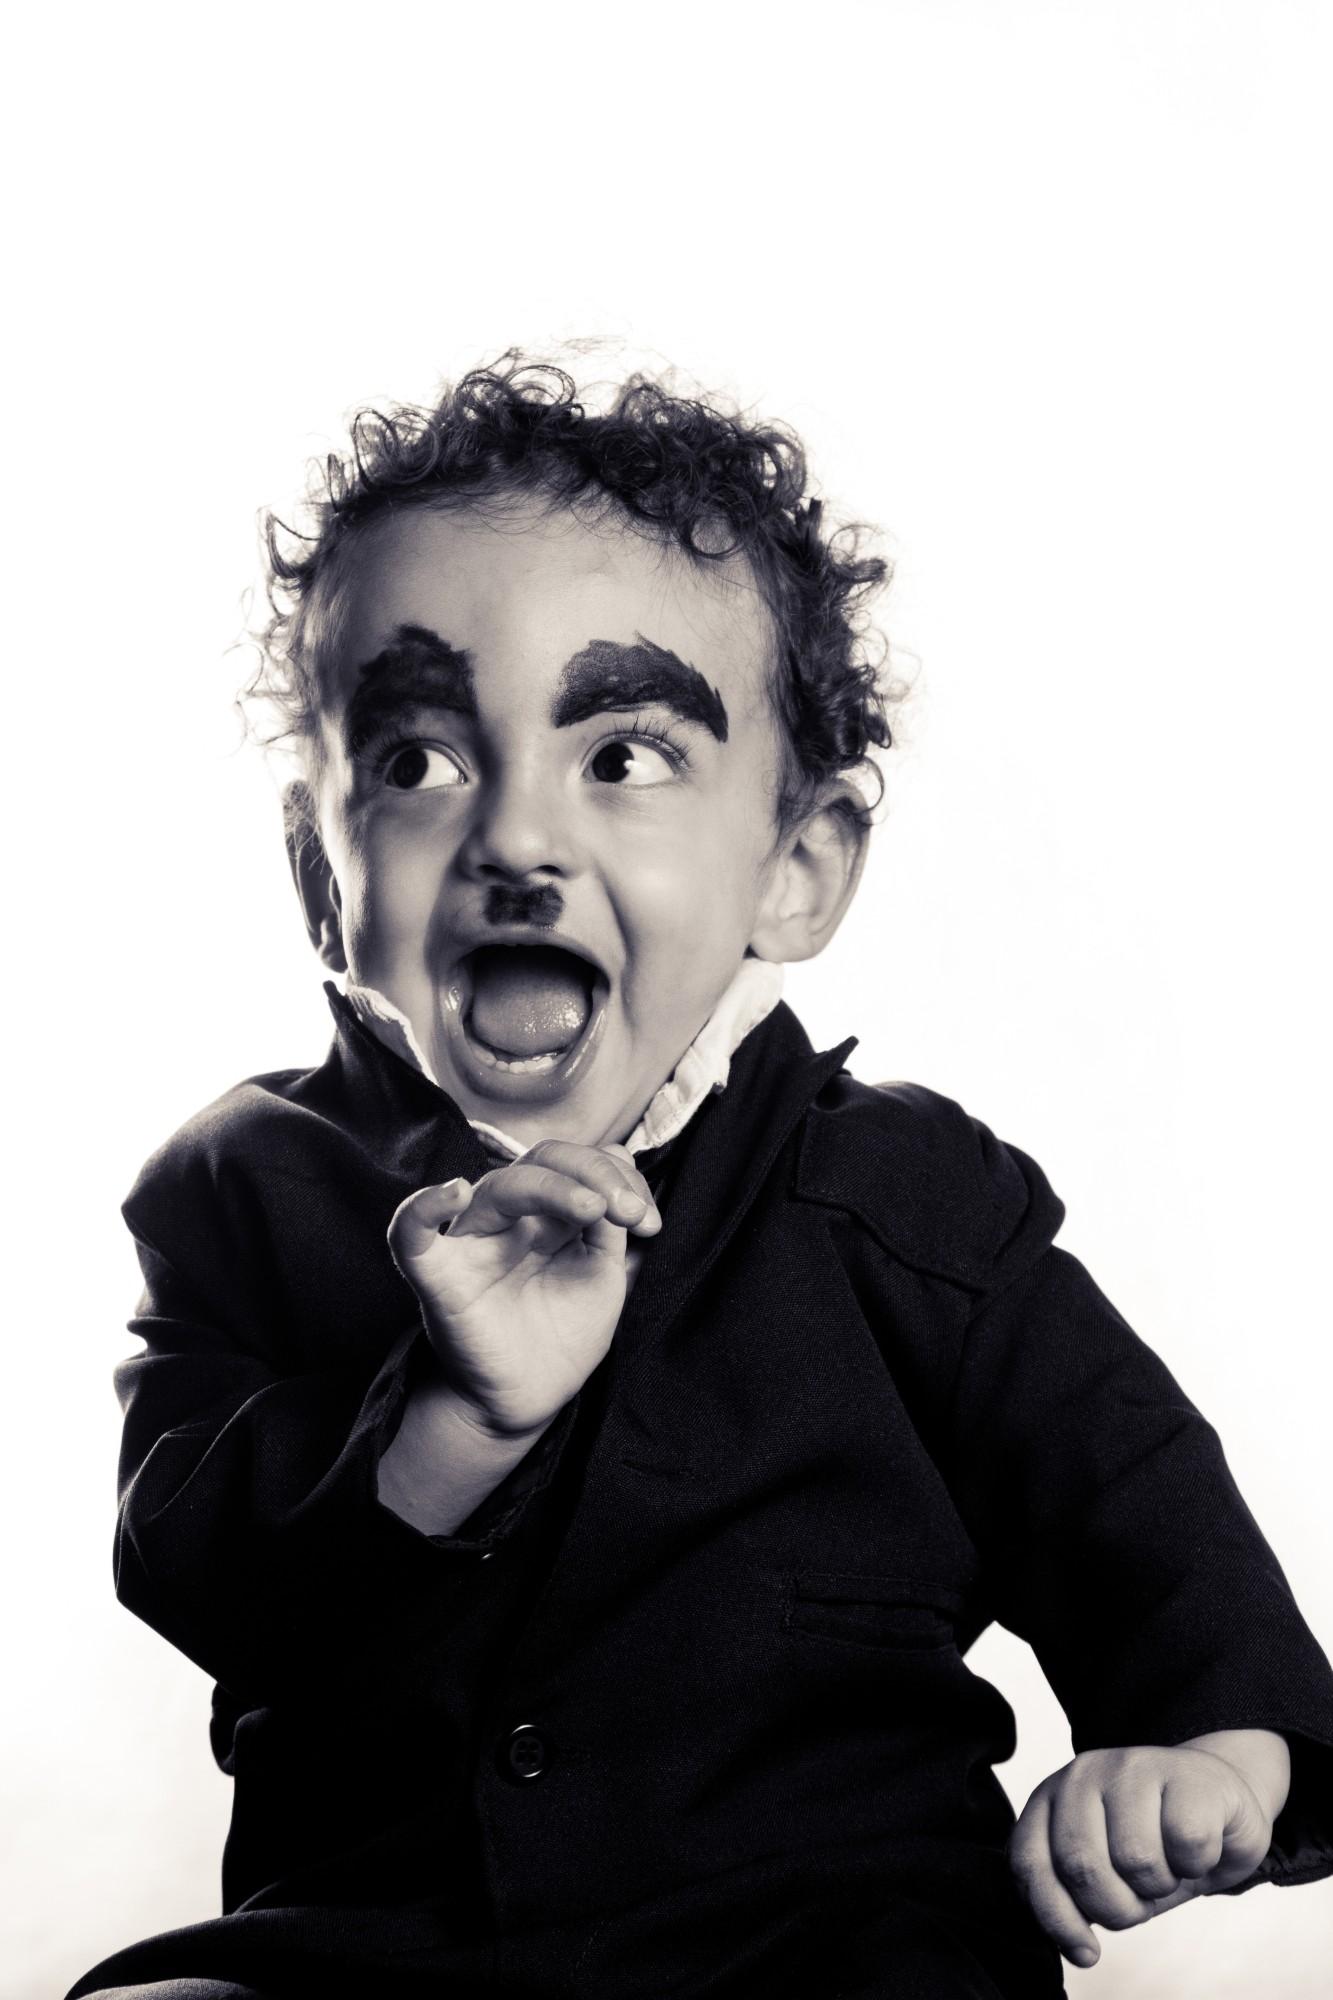 Folia em branco e preto: edição crianças